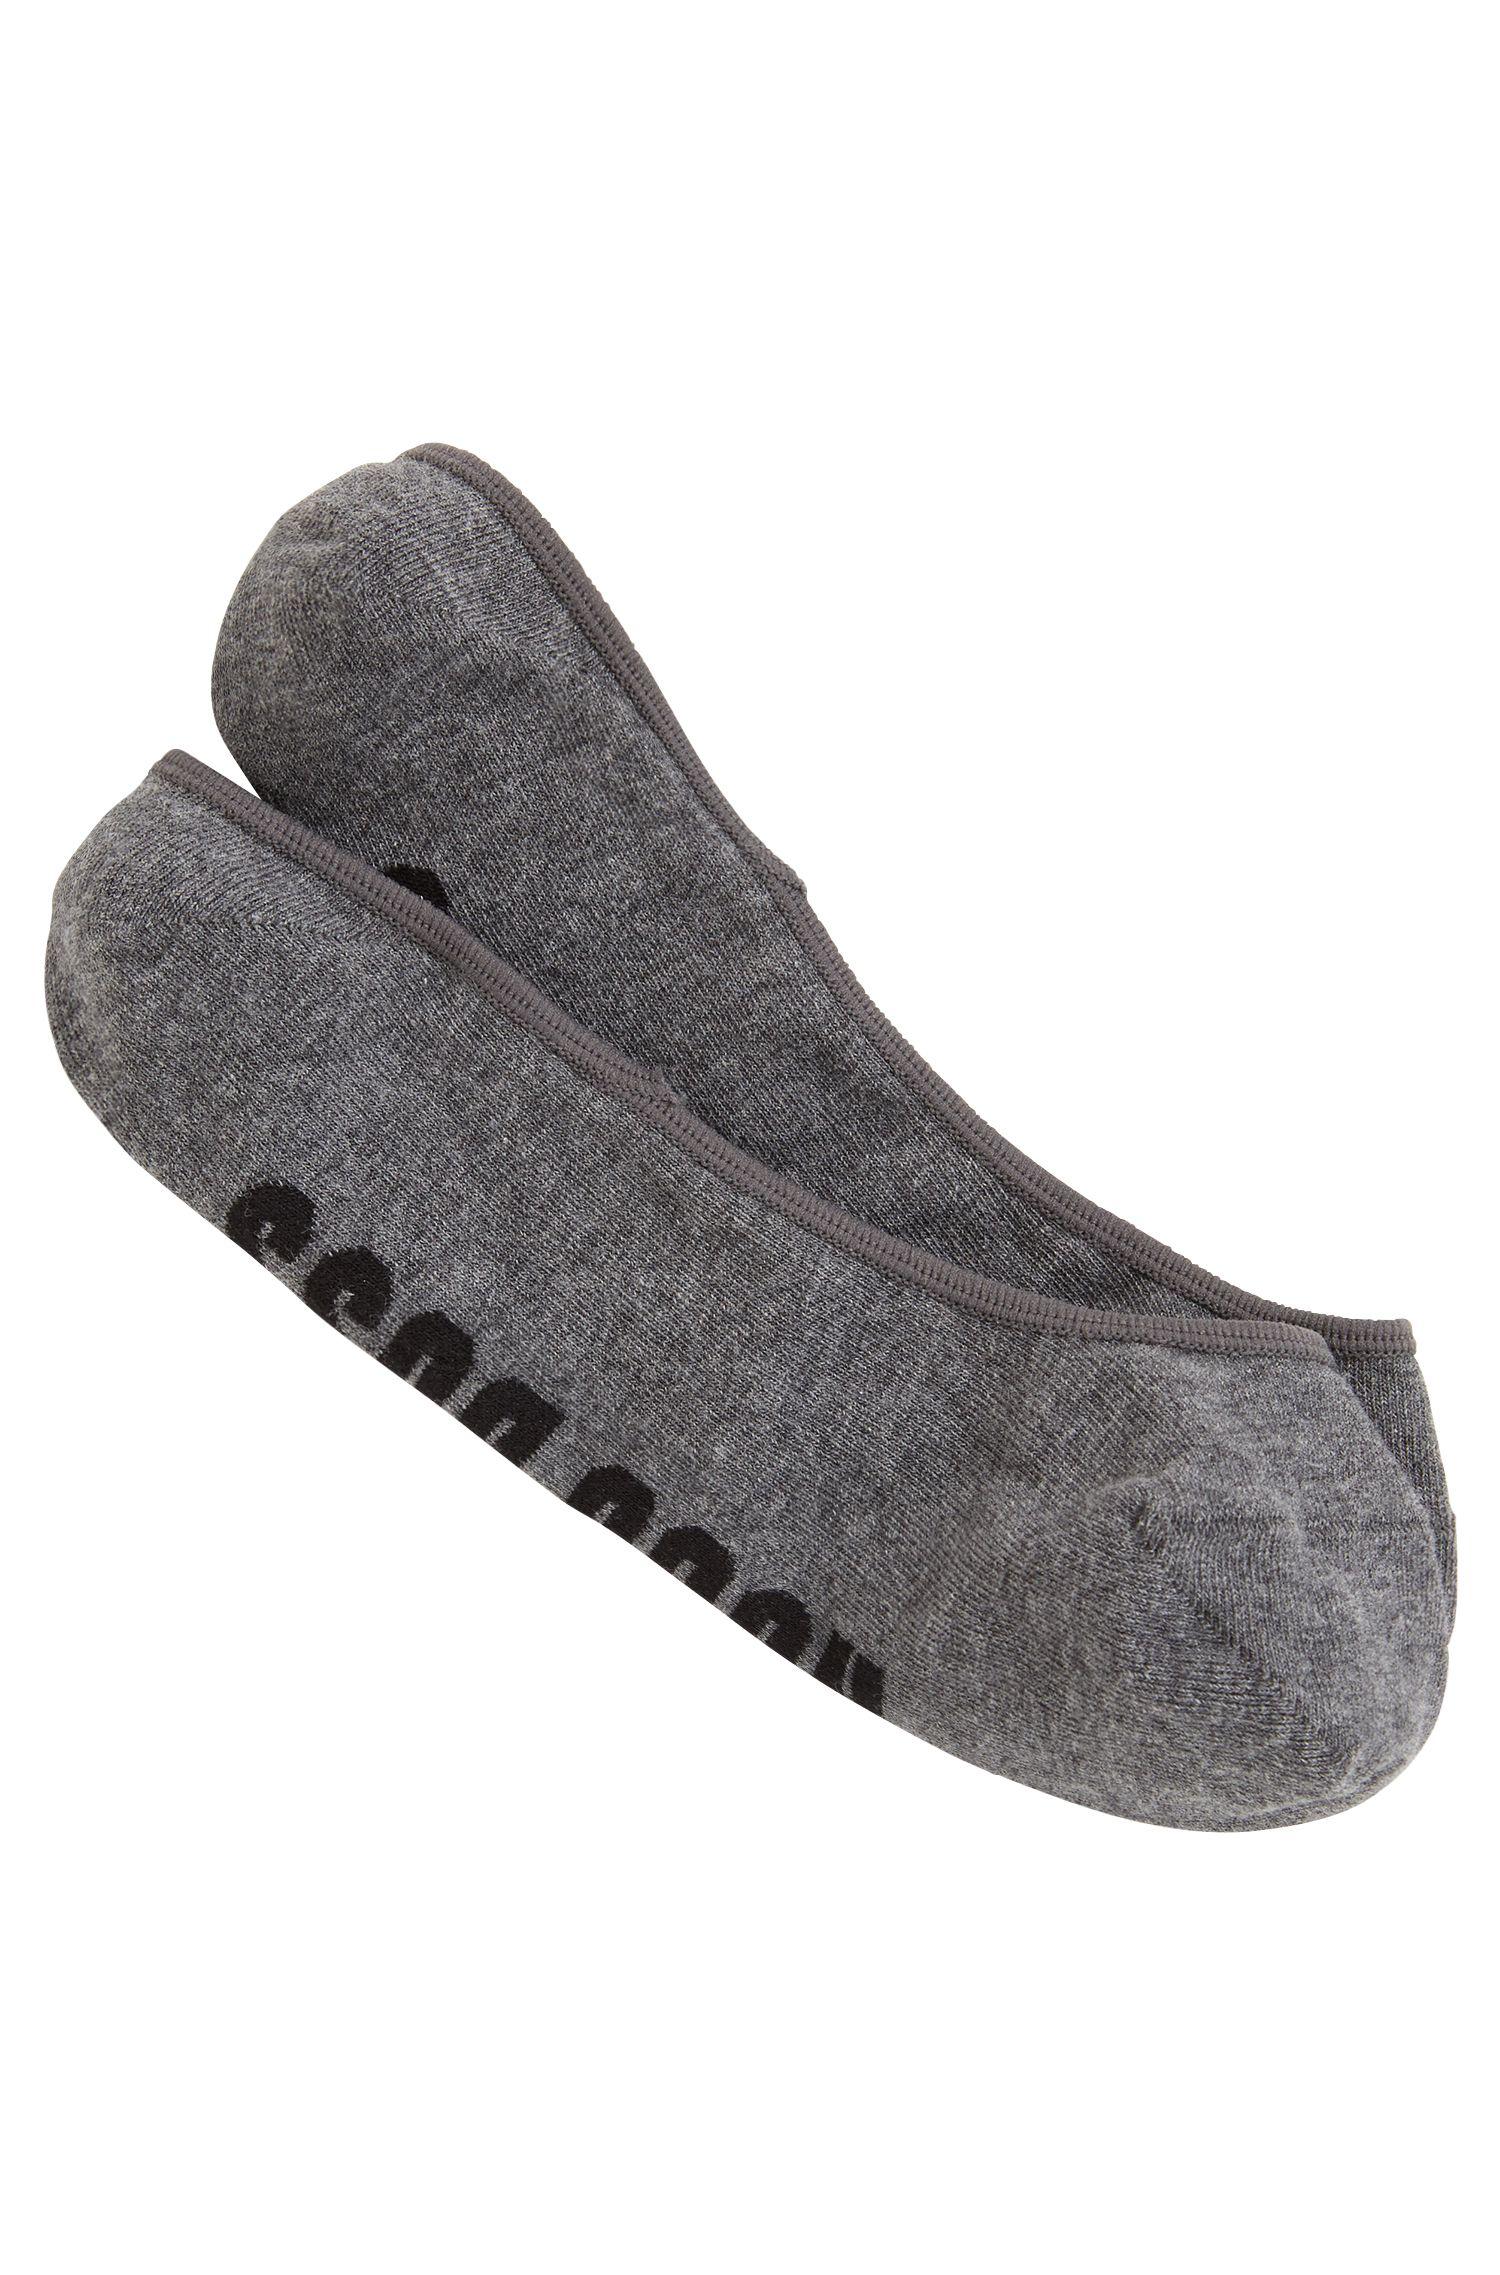 Chaussettes invisibles en coton mélangé peigné